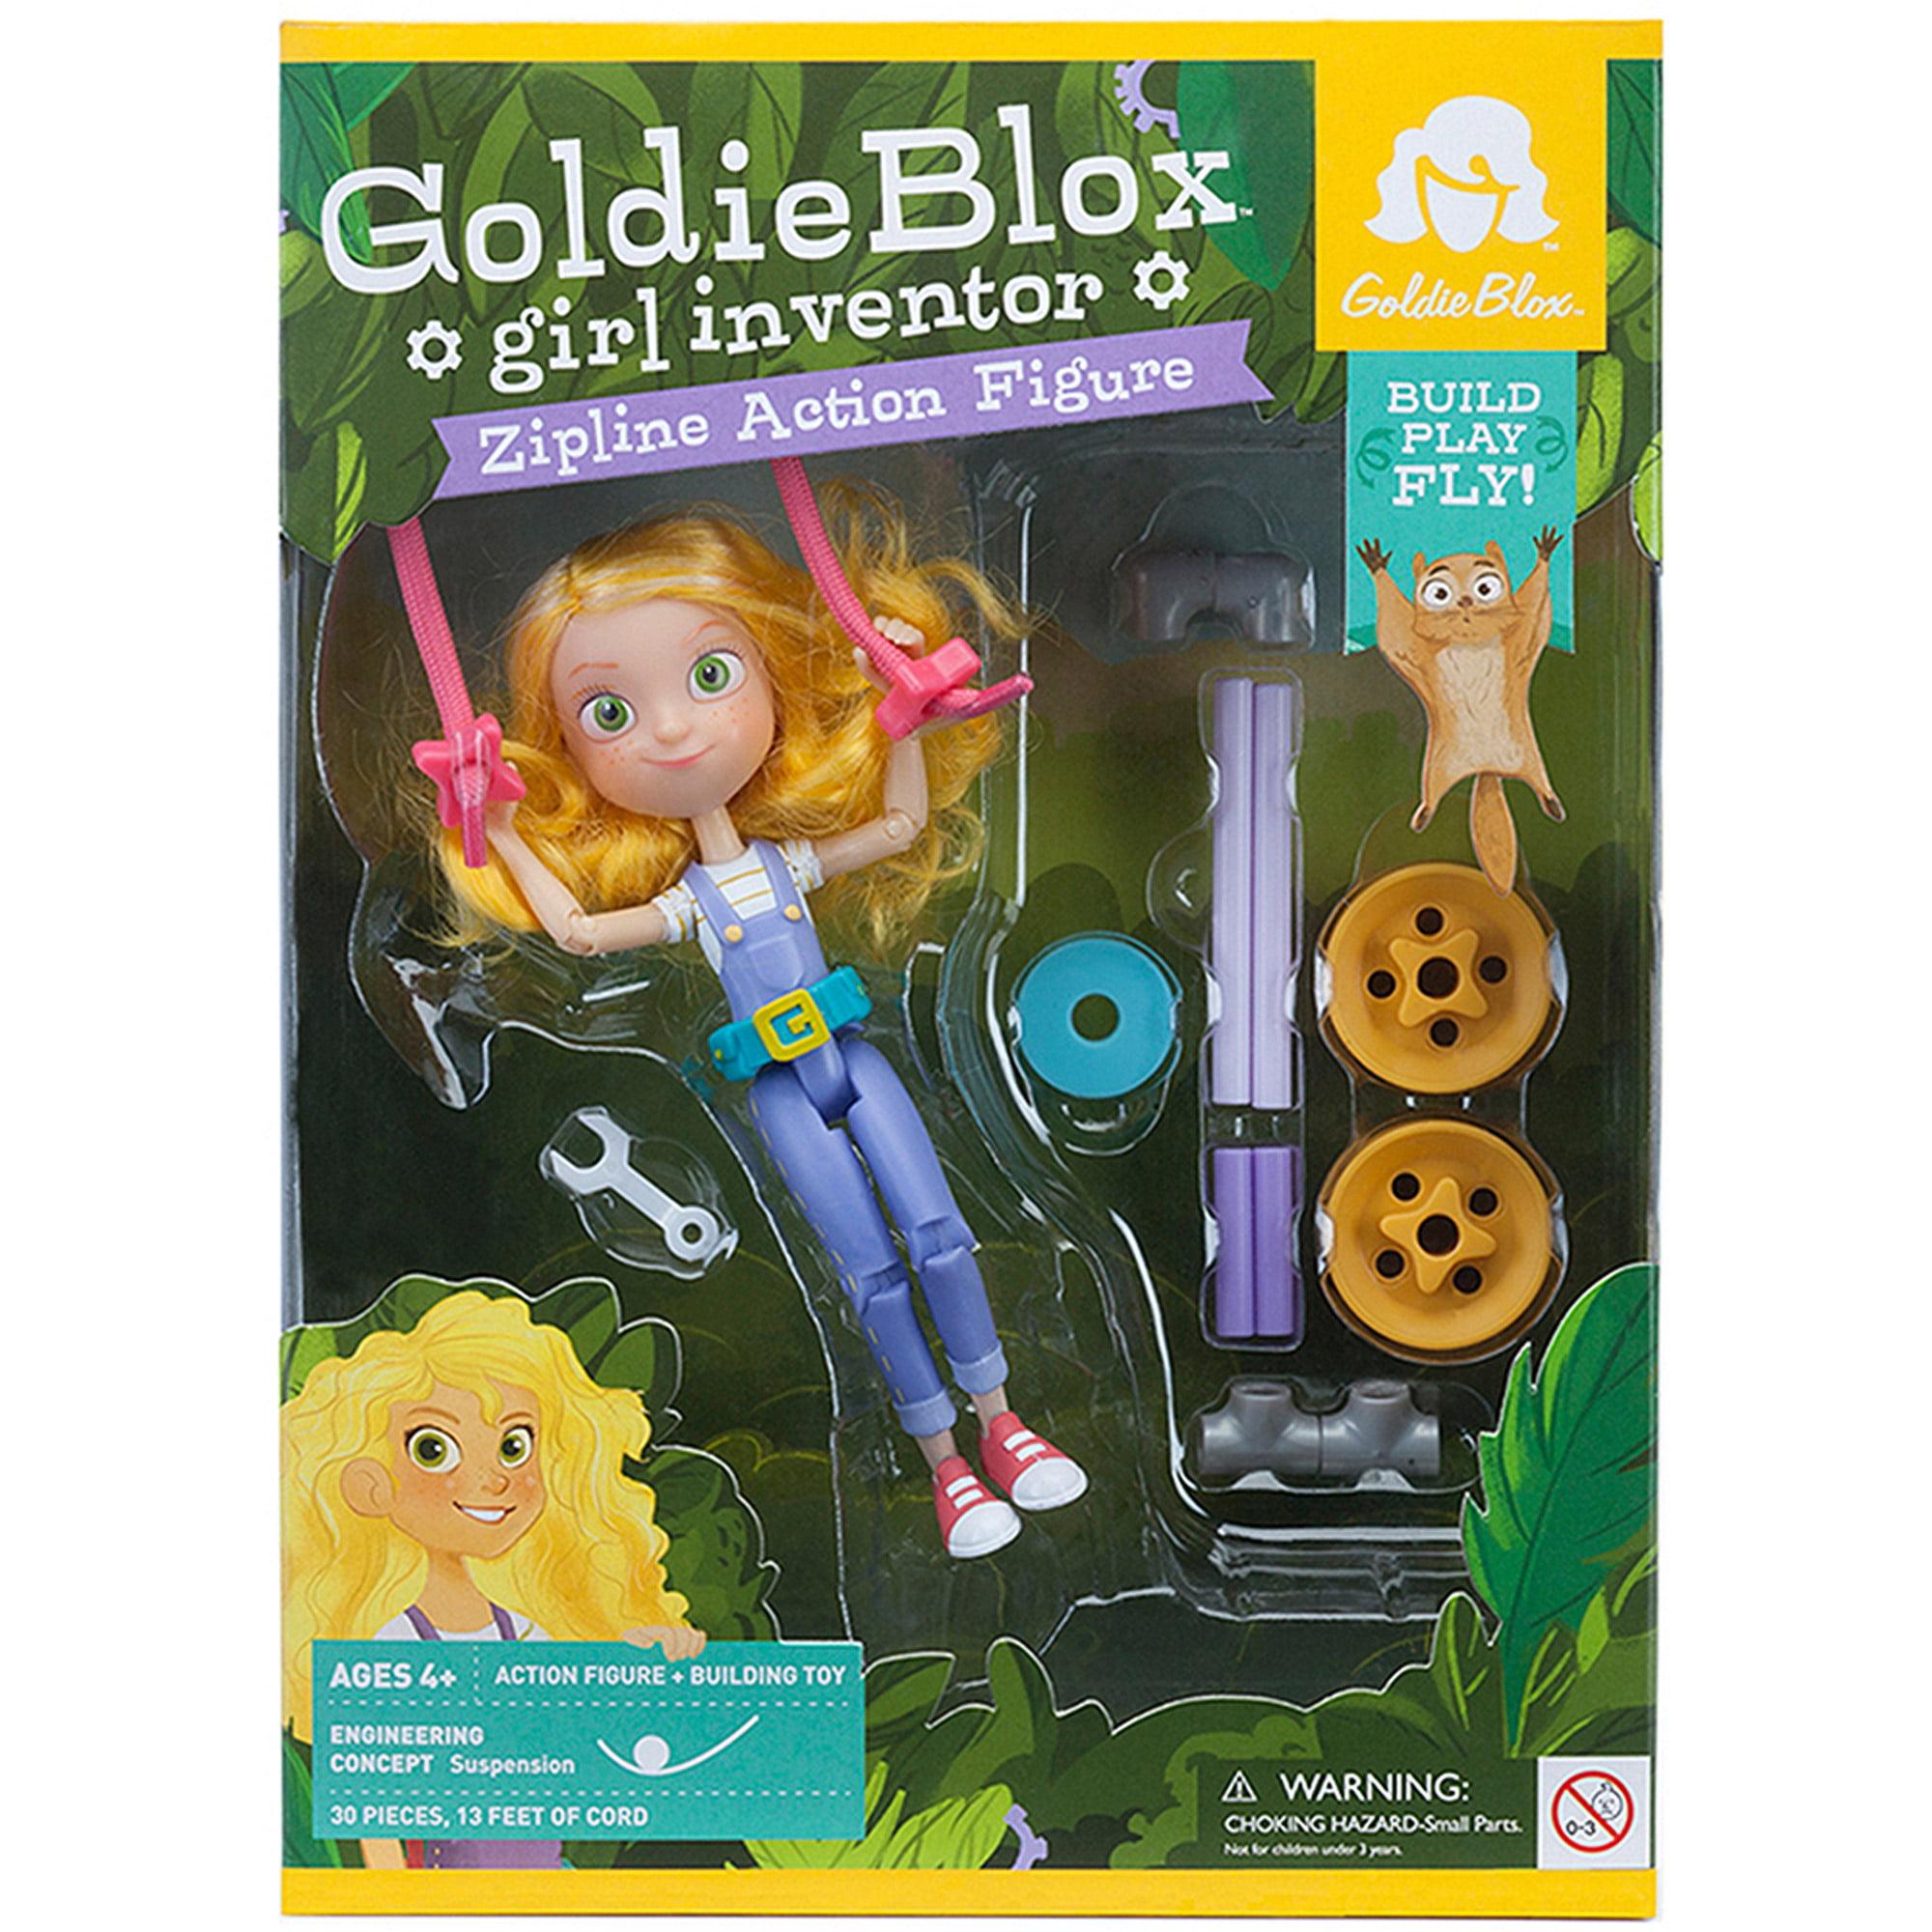 GoldieBlox Girl Inventor Zipline Action Figure by GoldieBlox